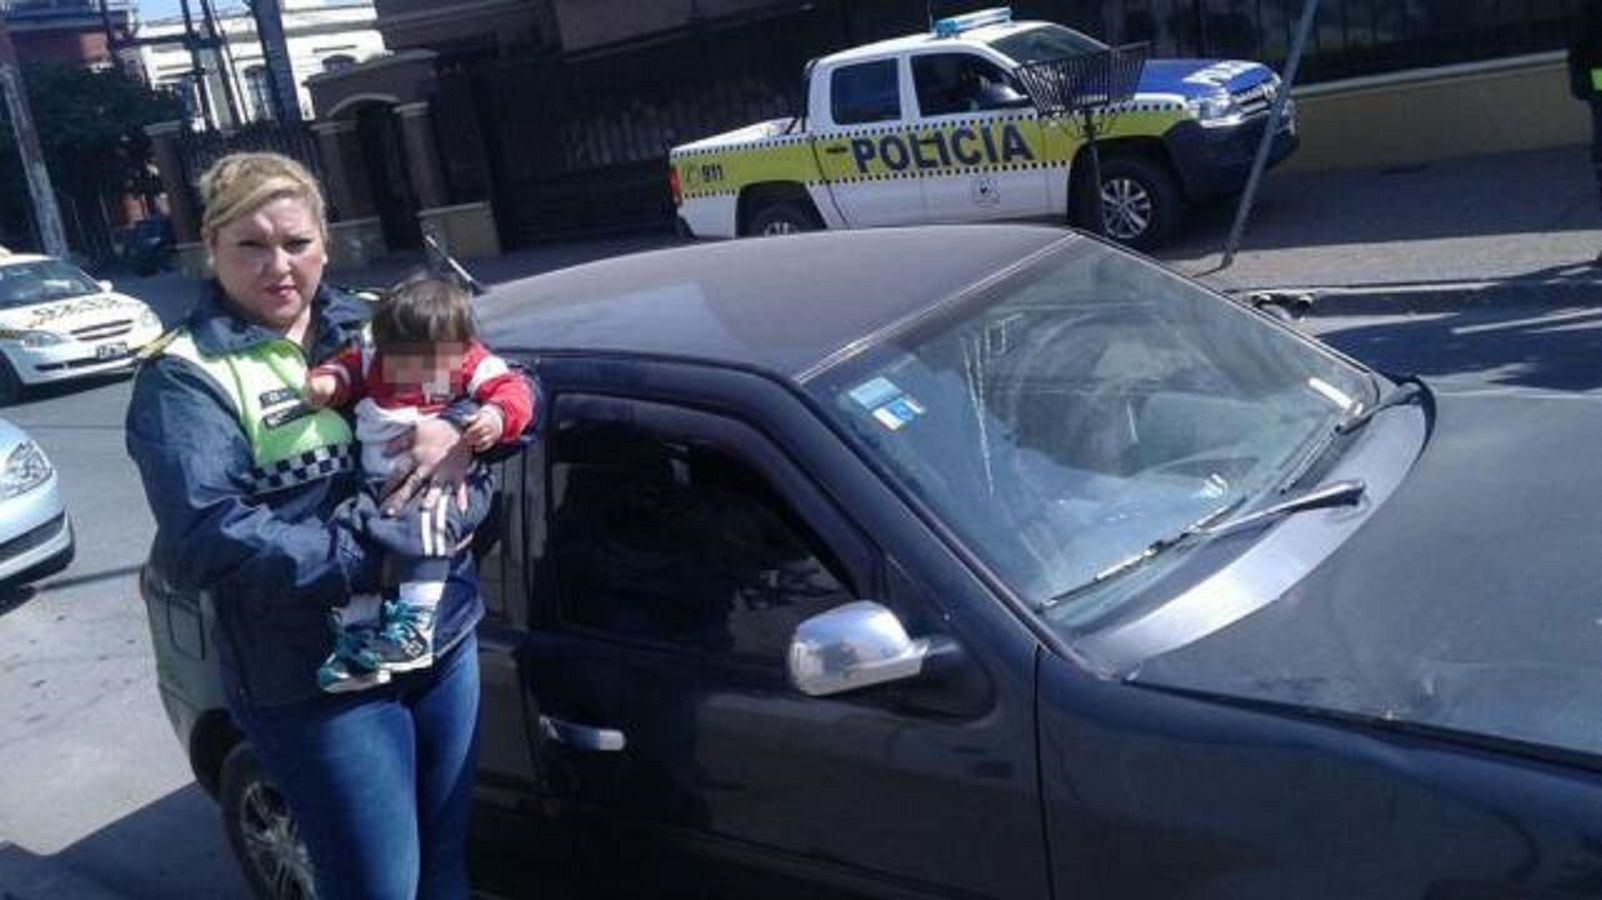 Dejó a su bebé encerrado en el auto durante una hora y se fue a hacer un trámite